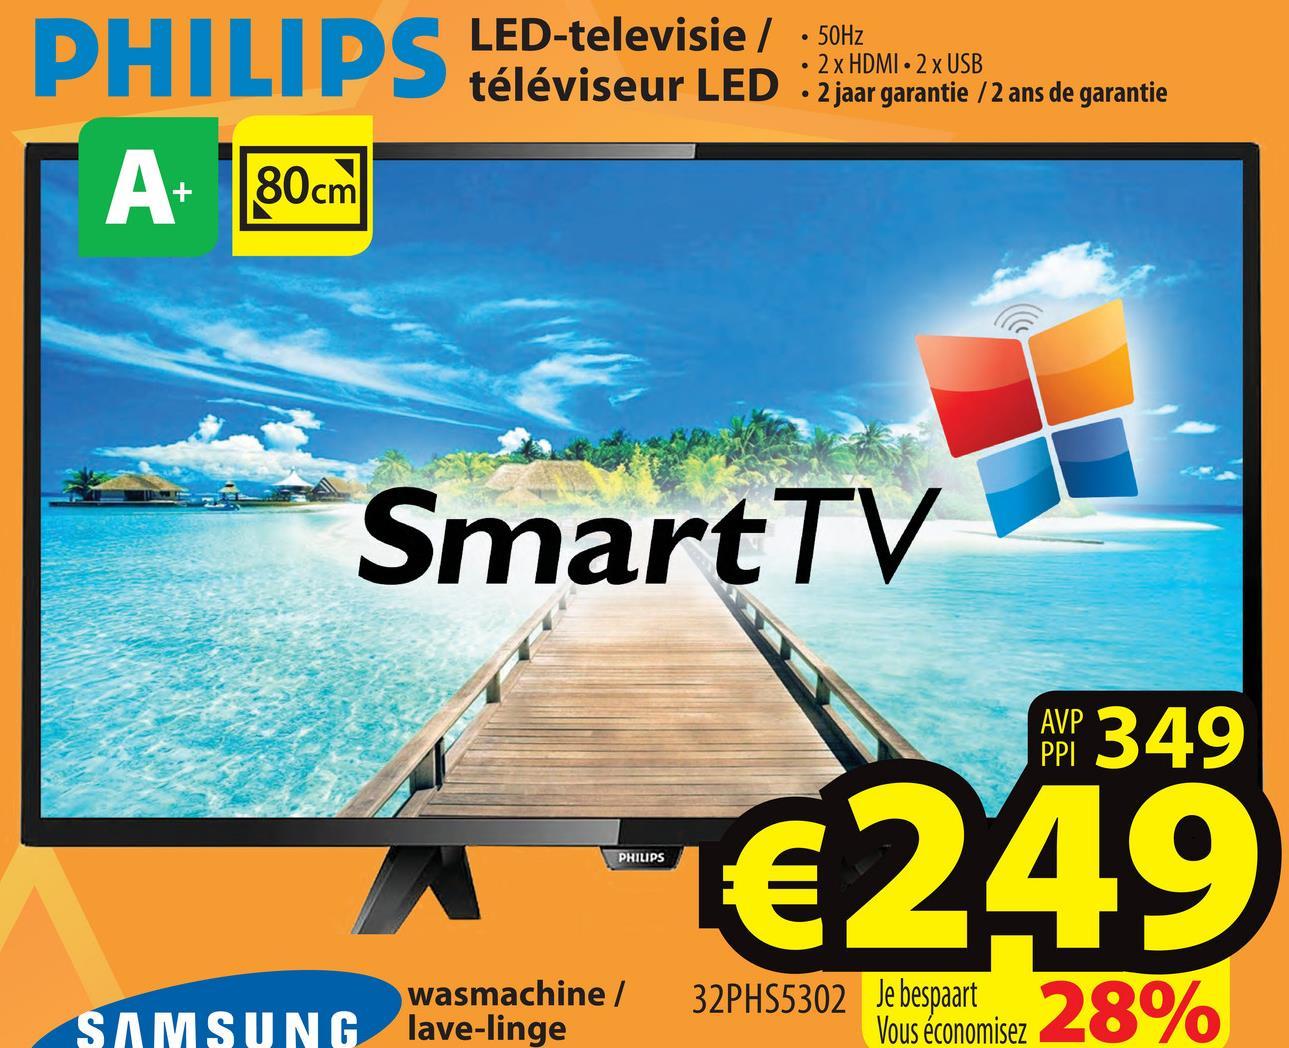 LED-televisie / téléviseur LED . 2 x HDMI - 2 x USB 50Hz 2 jaar garantie /2 ans de garantie A+ 80cm SmartTV AMP 349 €249 PHILIPS wasmachine / SAMSUNG lave-linge 32PHS5302 Je bespaart Vous économisez